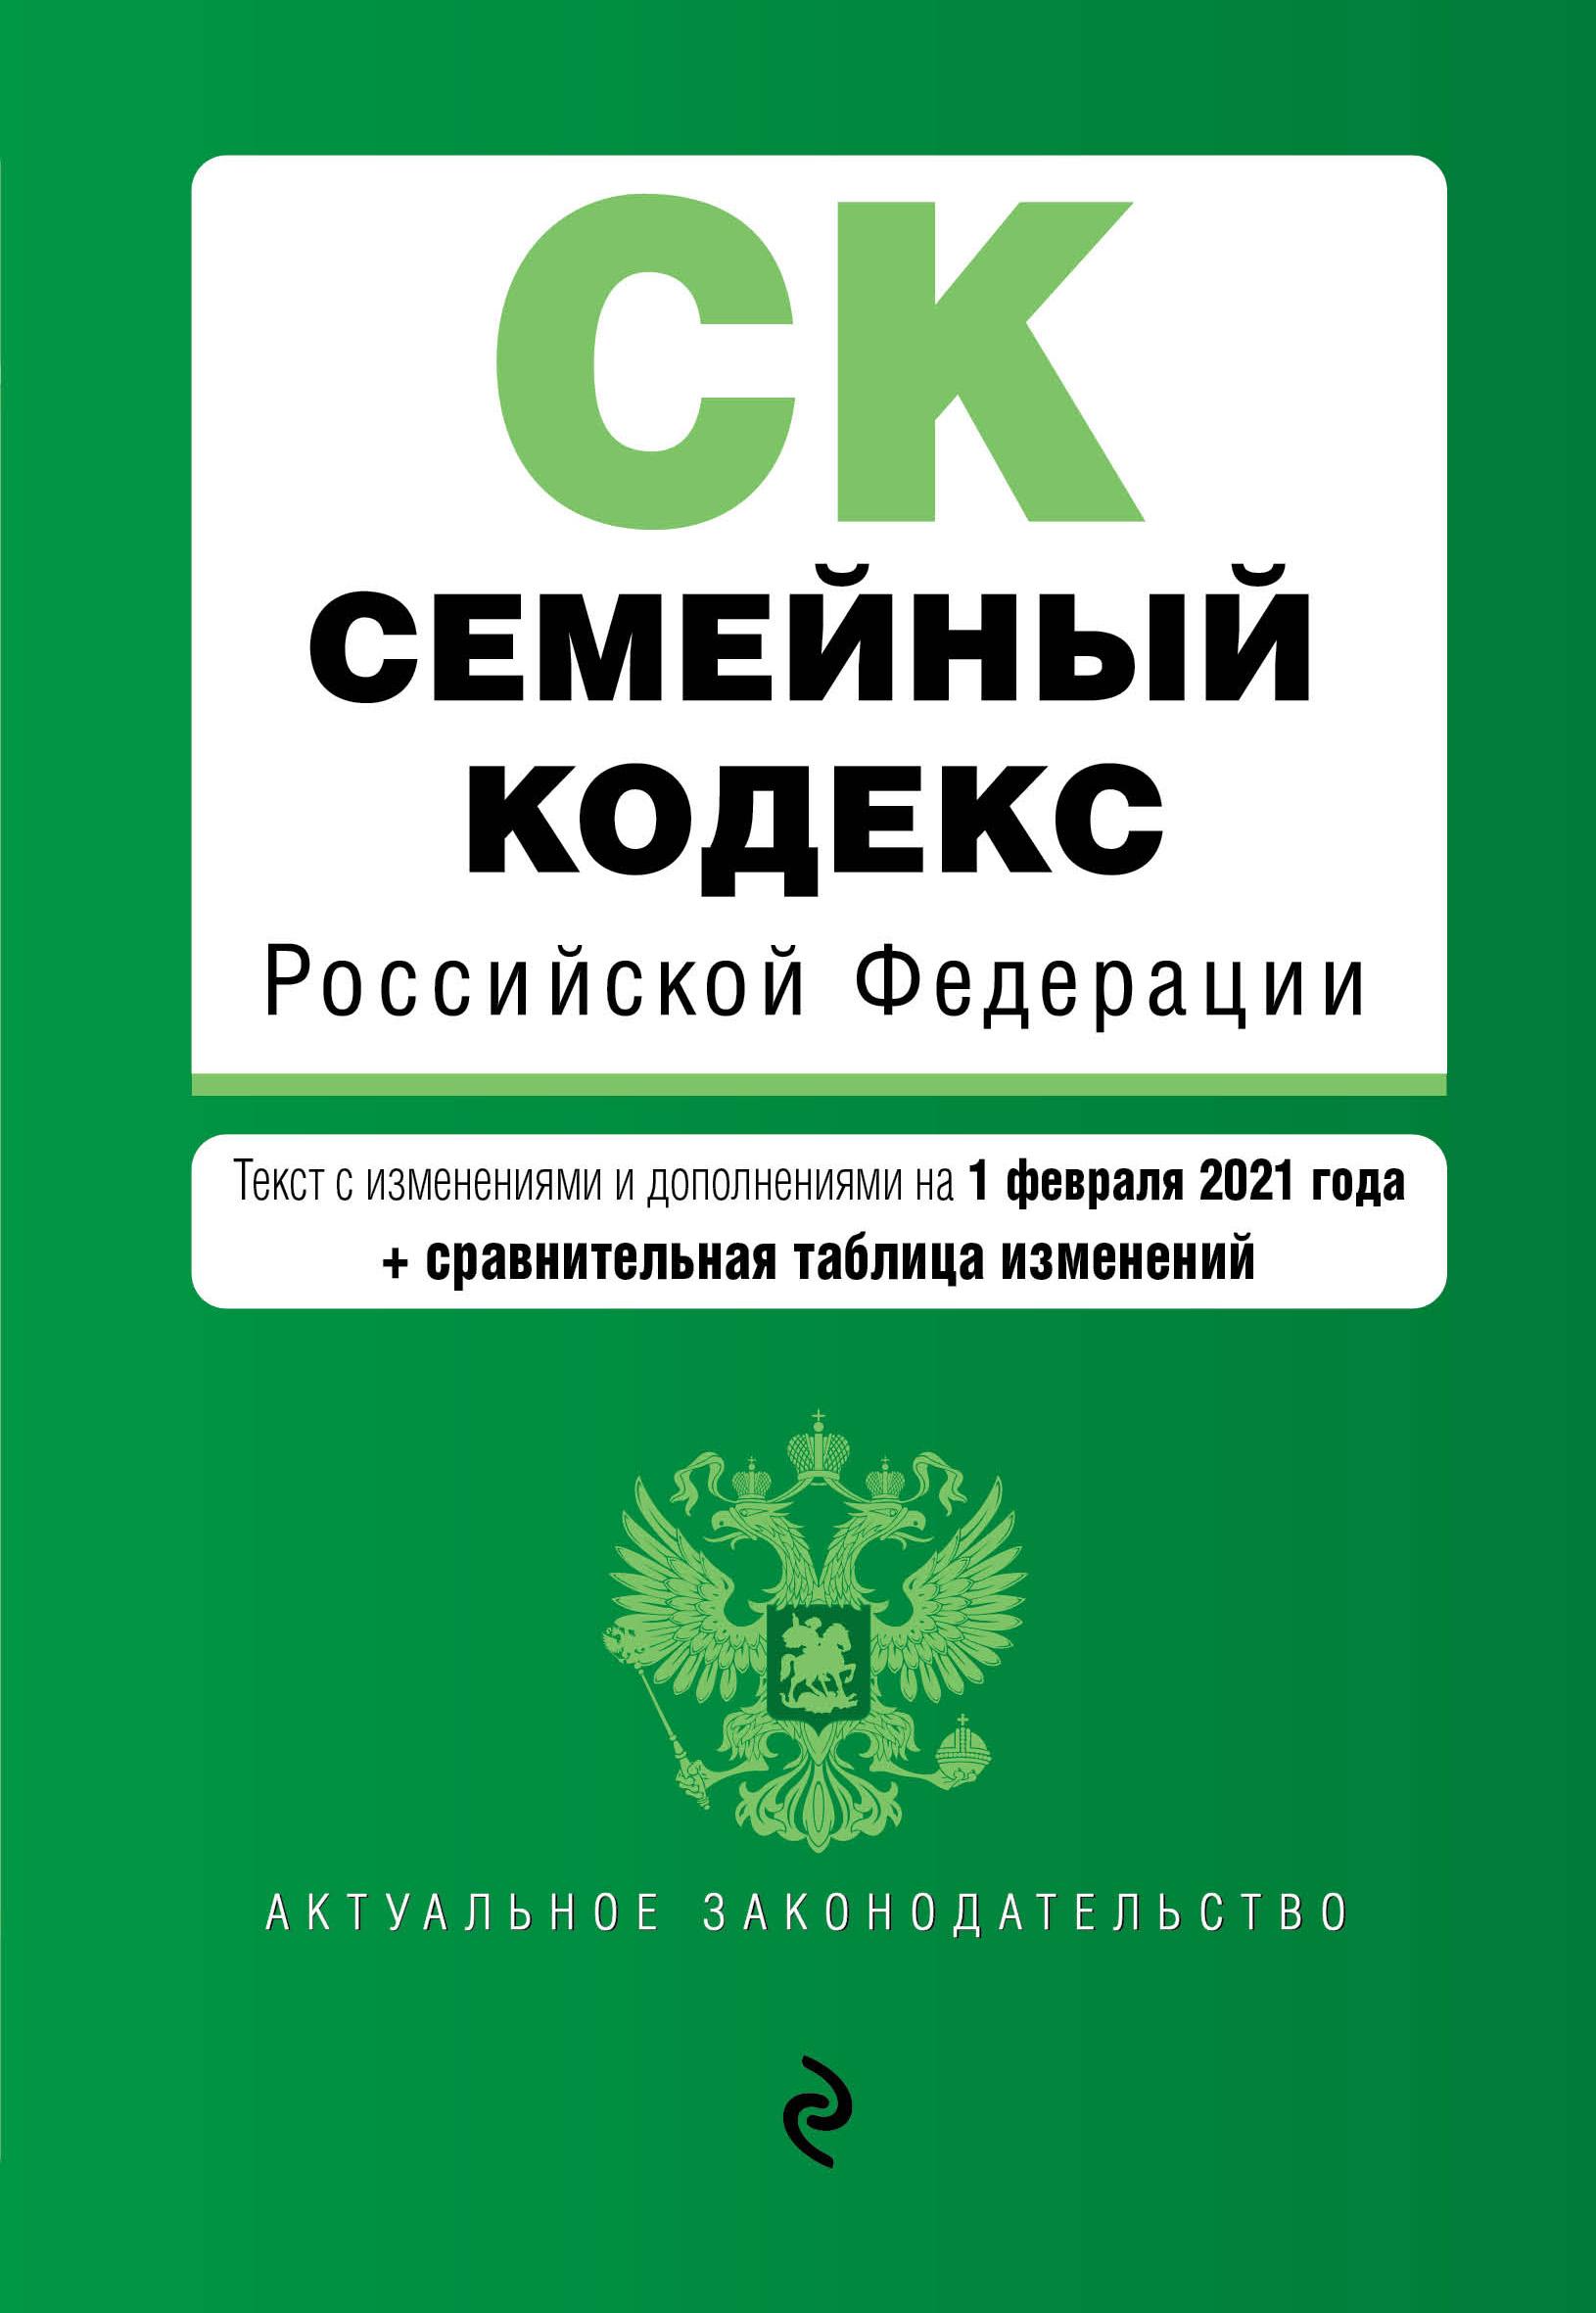 Семейный кодекс Российской Федерации. Текст с изм. и доп. на 1 февраля 2021 года (+ сравнительная таблица изменений)